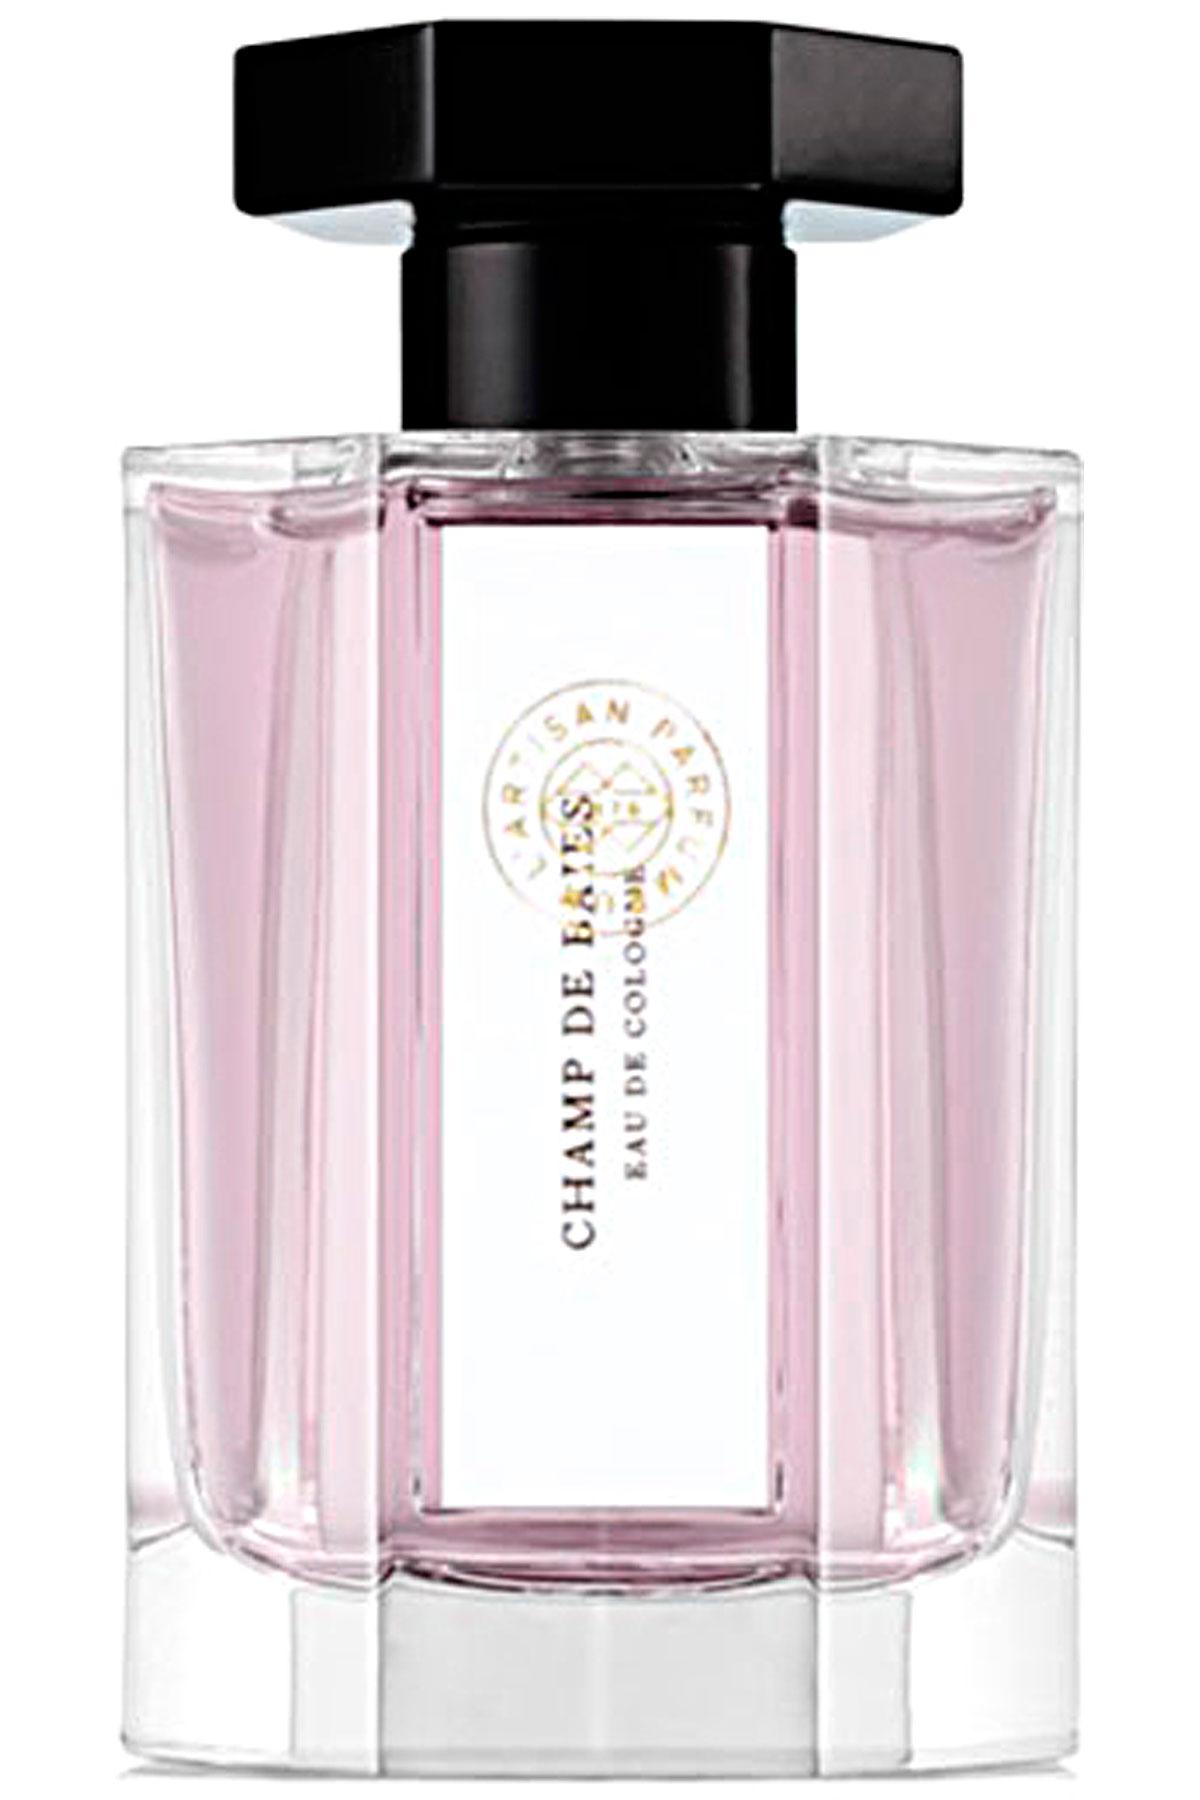 Artisan Parfumeur Fragrances for Women, Champ De Baies - Eau De Toilette - 100 Ml, 2019, 100 ml